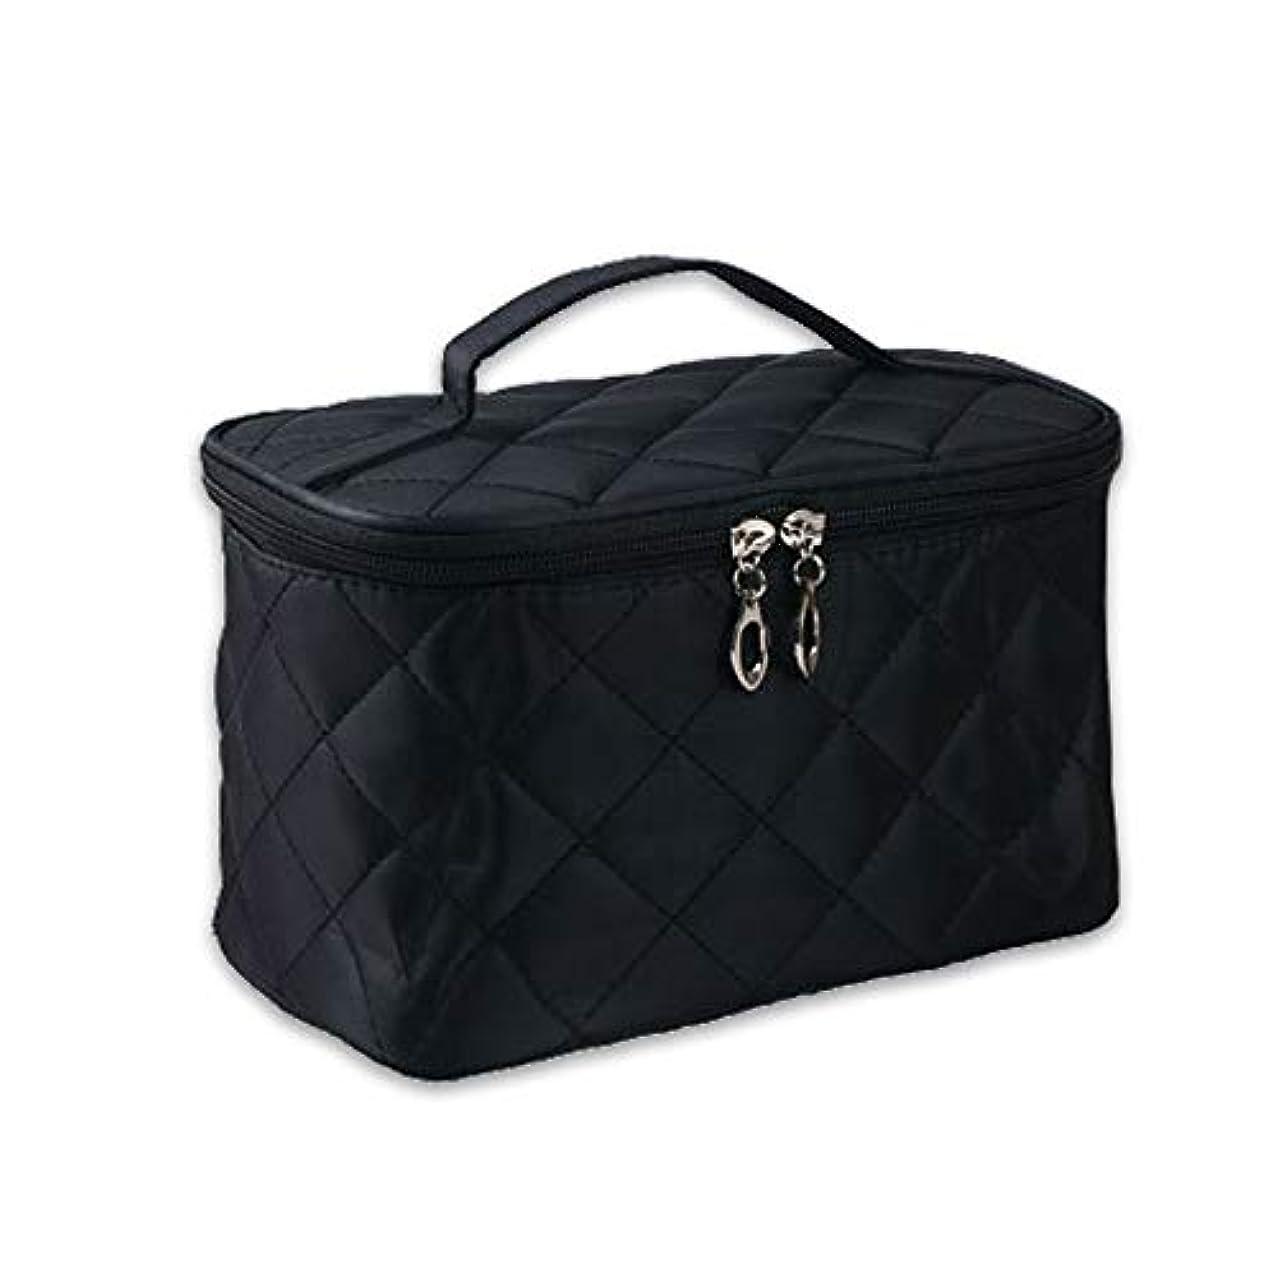 タイプライター明るくする寮女性 化粧品メイクバッグ 収納オーガナイザーバッグ 剤洗浄ツール フォールド ジッパーデザイン ナイロン ブラック